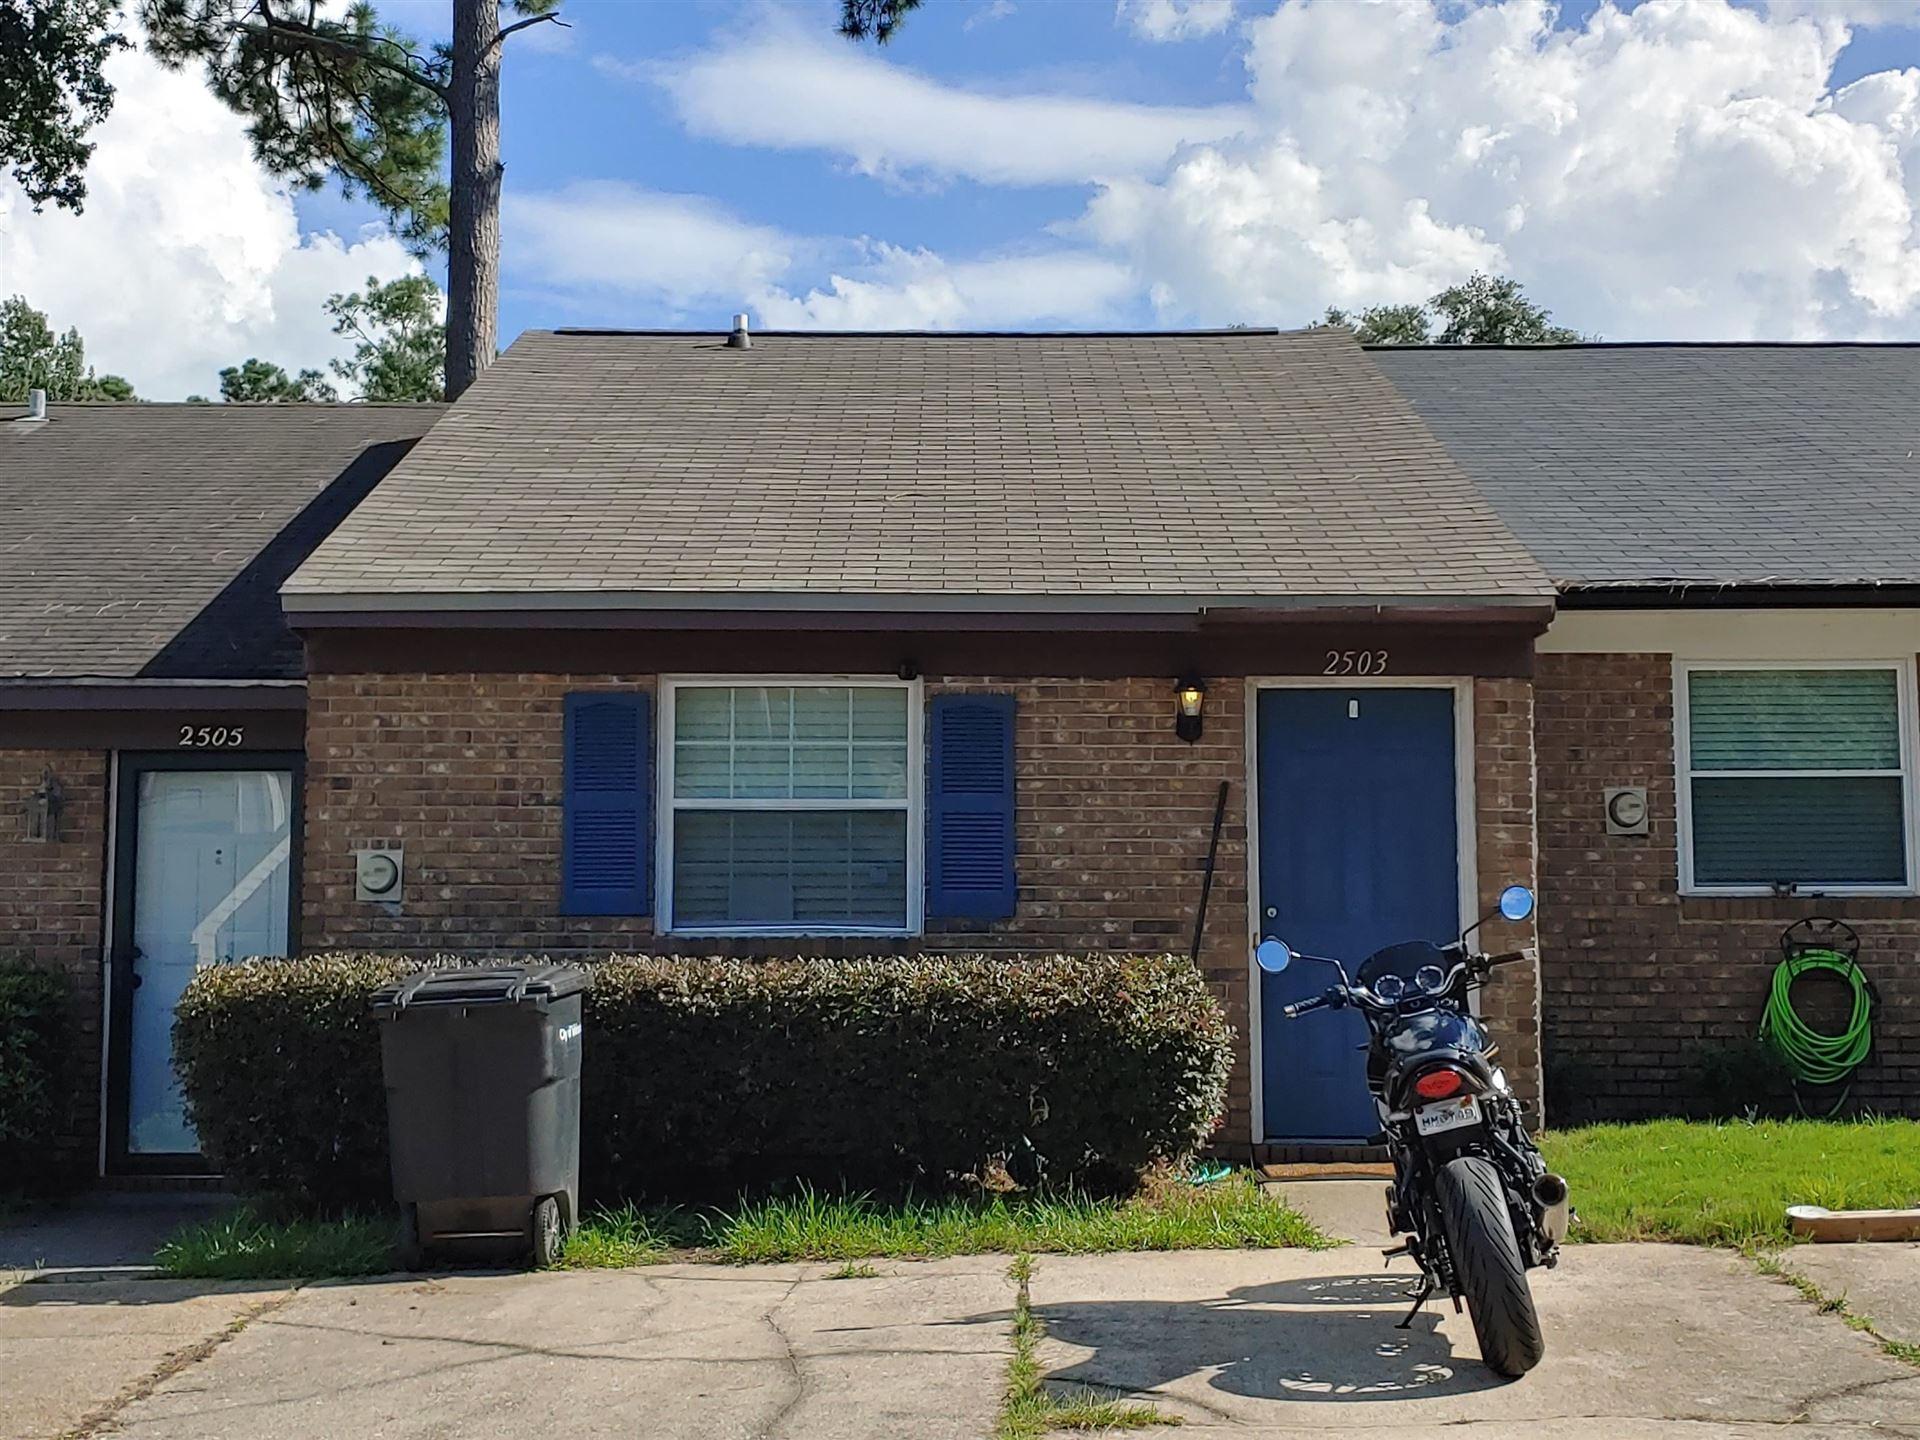 2503 Mar Court, Tallahassee, FL 32301 - MLS#: 336401